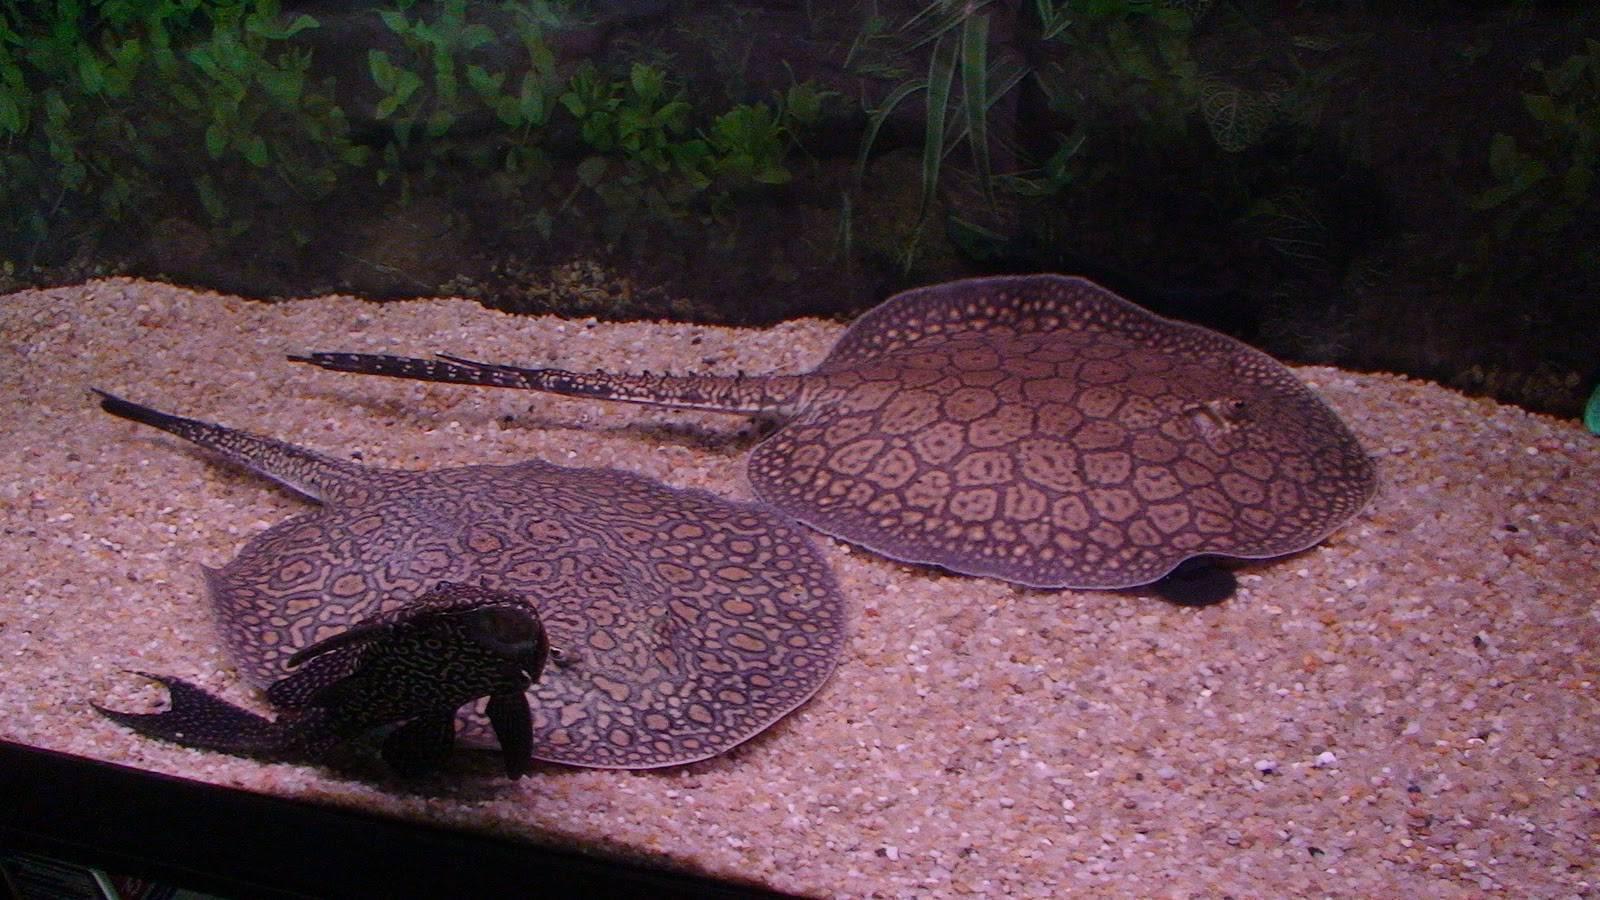 Аквариумный скат (15 фото): описание ската моторо и содержание пресноводных скатов в аквариуме